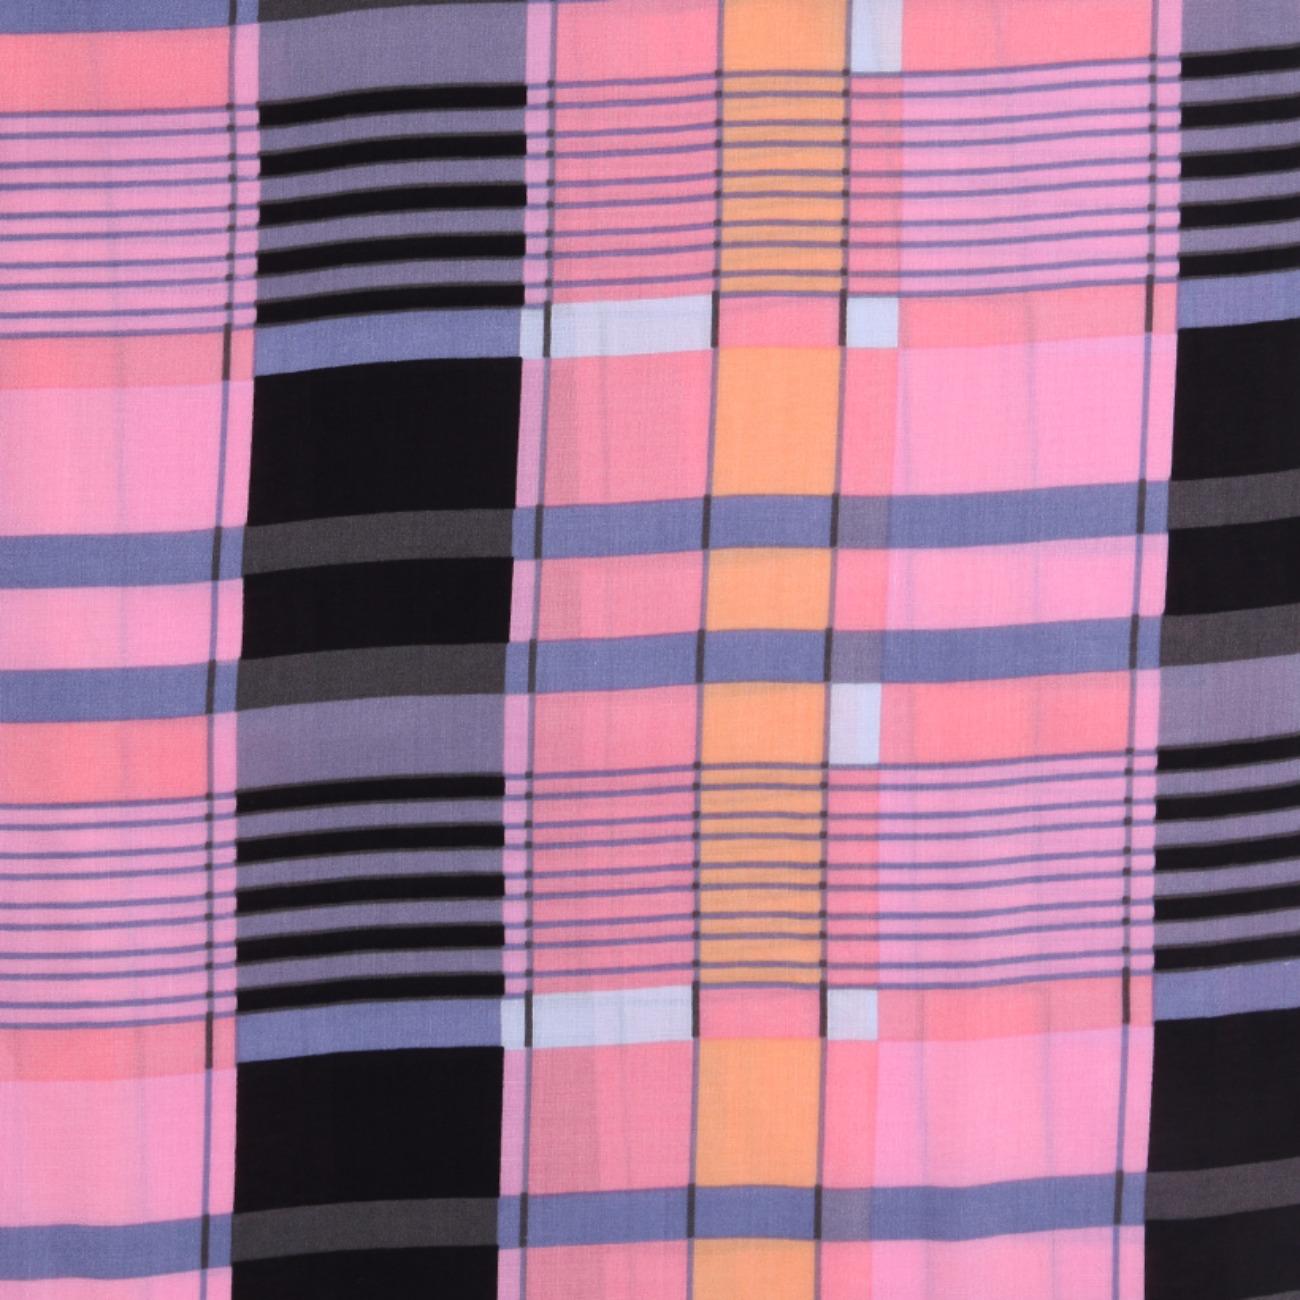 人棉期货格子梭织印花无弹衬衫连衣裙 短裙 薄 棉感 70522-45